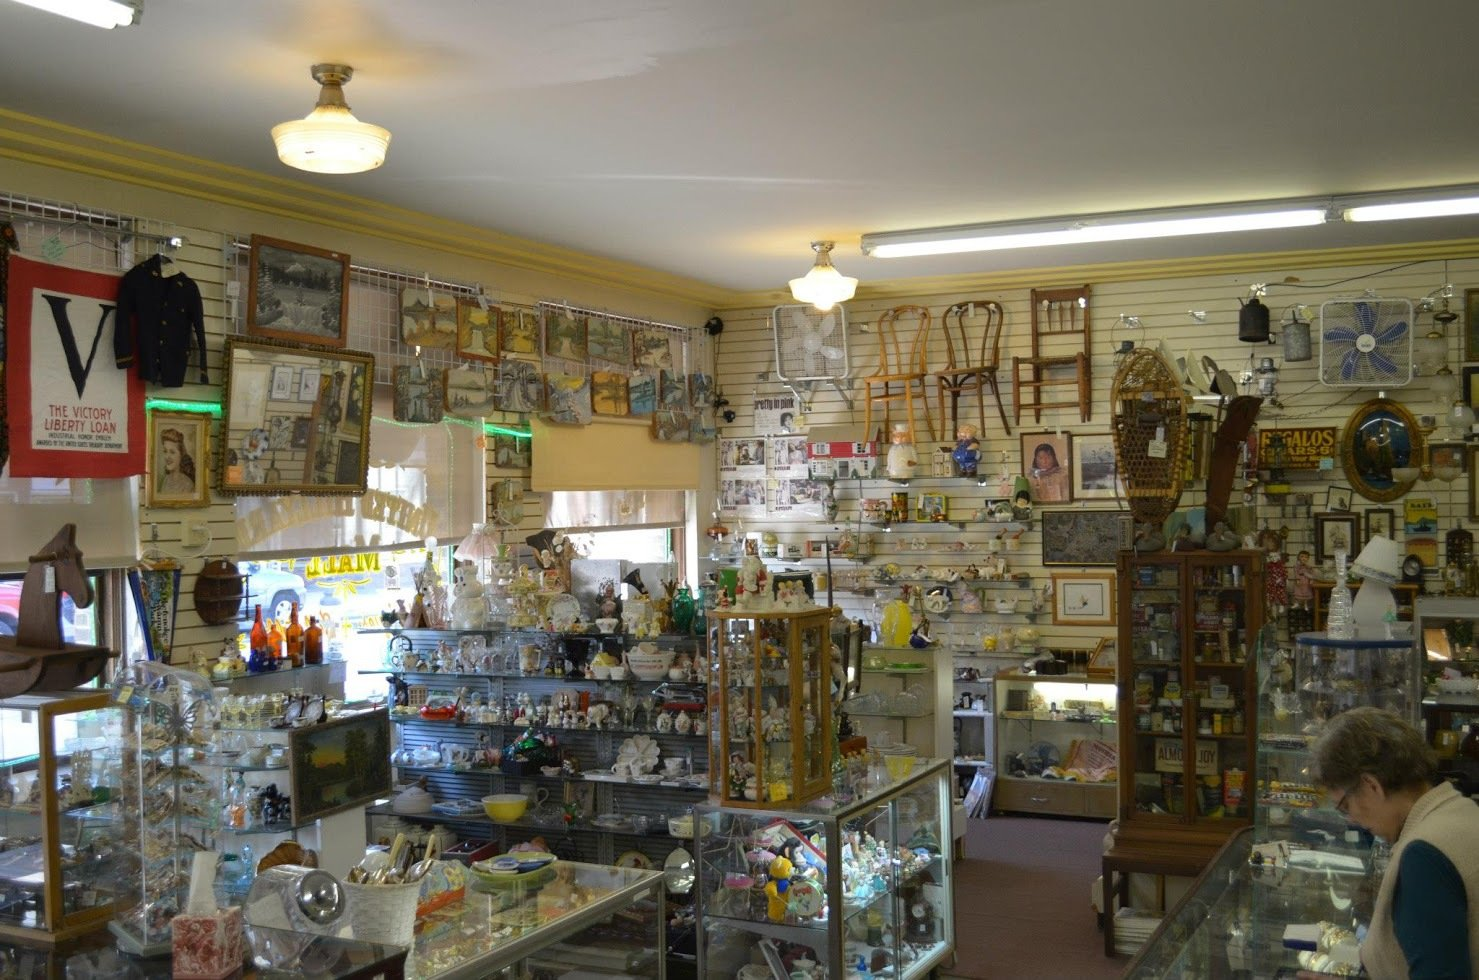 Best Antique Store in Spokane